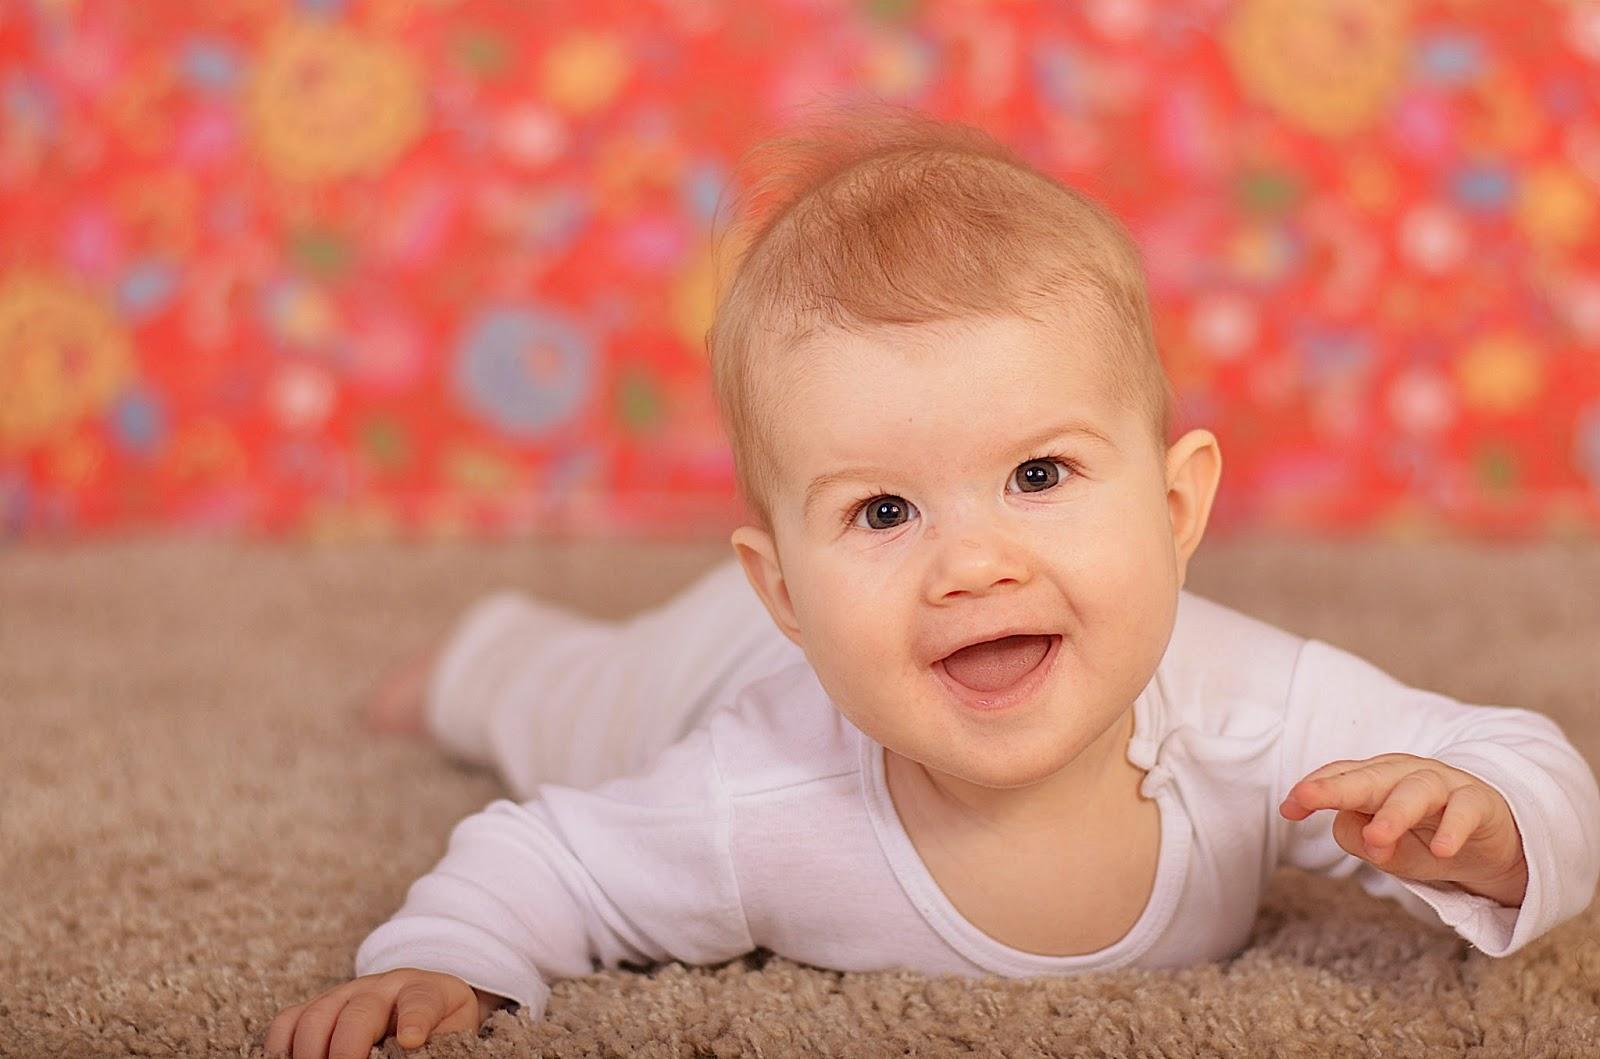 barnfotograf, barn, fotograf, norrköping, östergötland, södermanland, lilla gumman glömsk, jenny bennheden carpvik, närbild, bebis, 6 månader, fota, fotografi